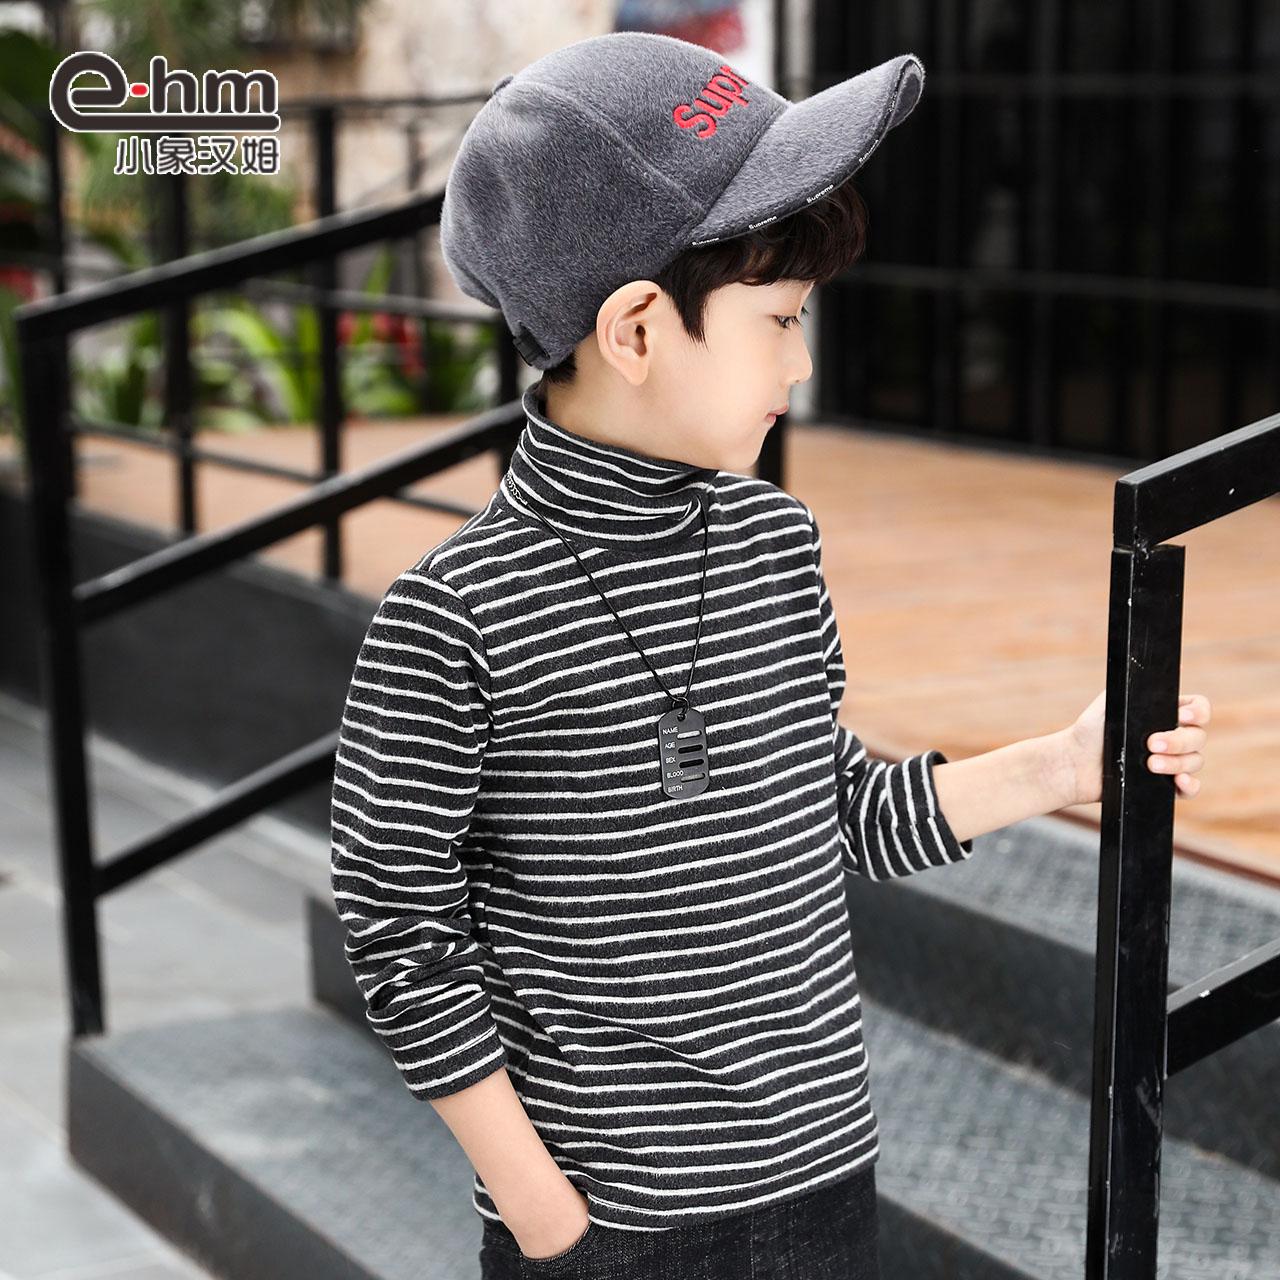 小象汉姆童装2017冬装新款男童高领打底衫儿童冬装内搭条纹T恤